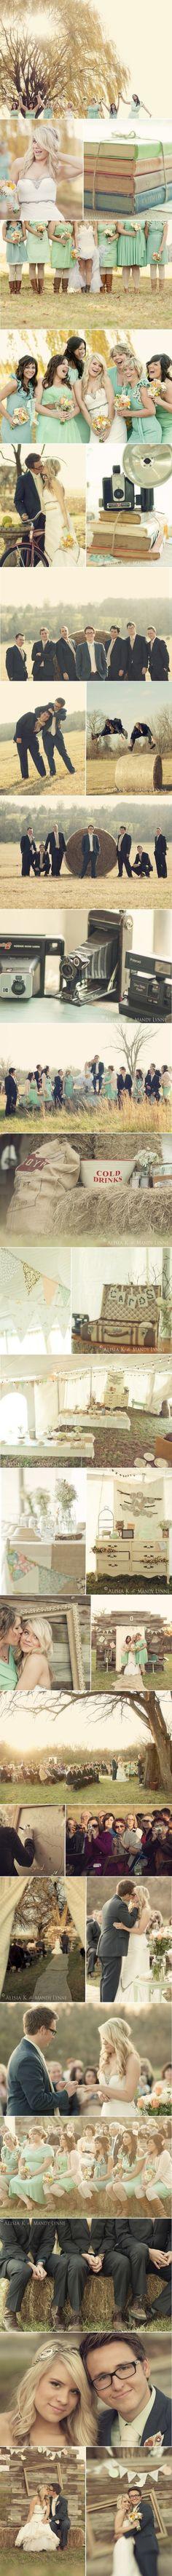 Casamento / Casamento Rústico/ Rustic Wedding / Noiva cabelo solto / DIY / Barn / Fazenda / Cerimônia ao Ar Livre / Árvore / Vestido de Noiva / Noiva / Noivo / La Partie Diva